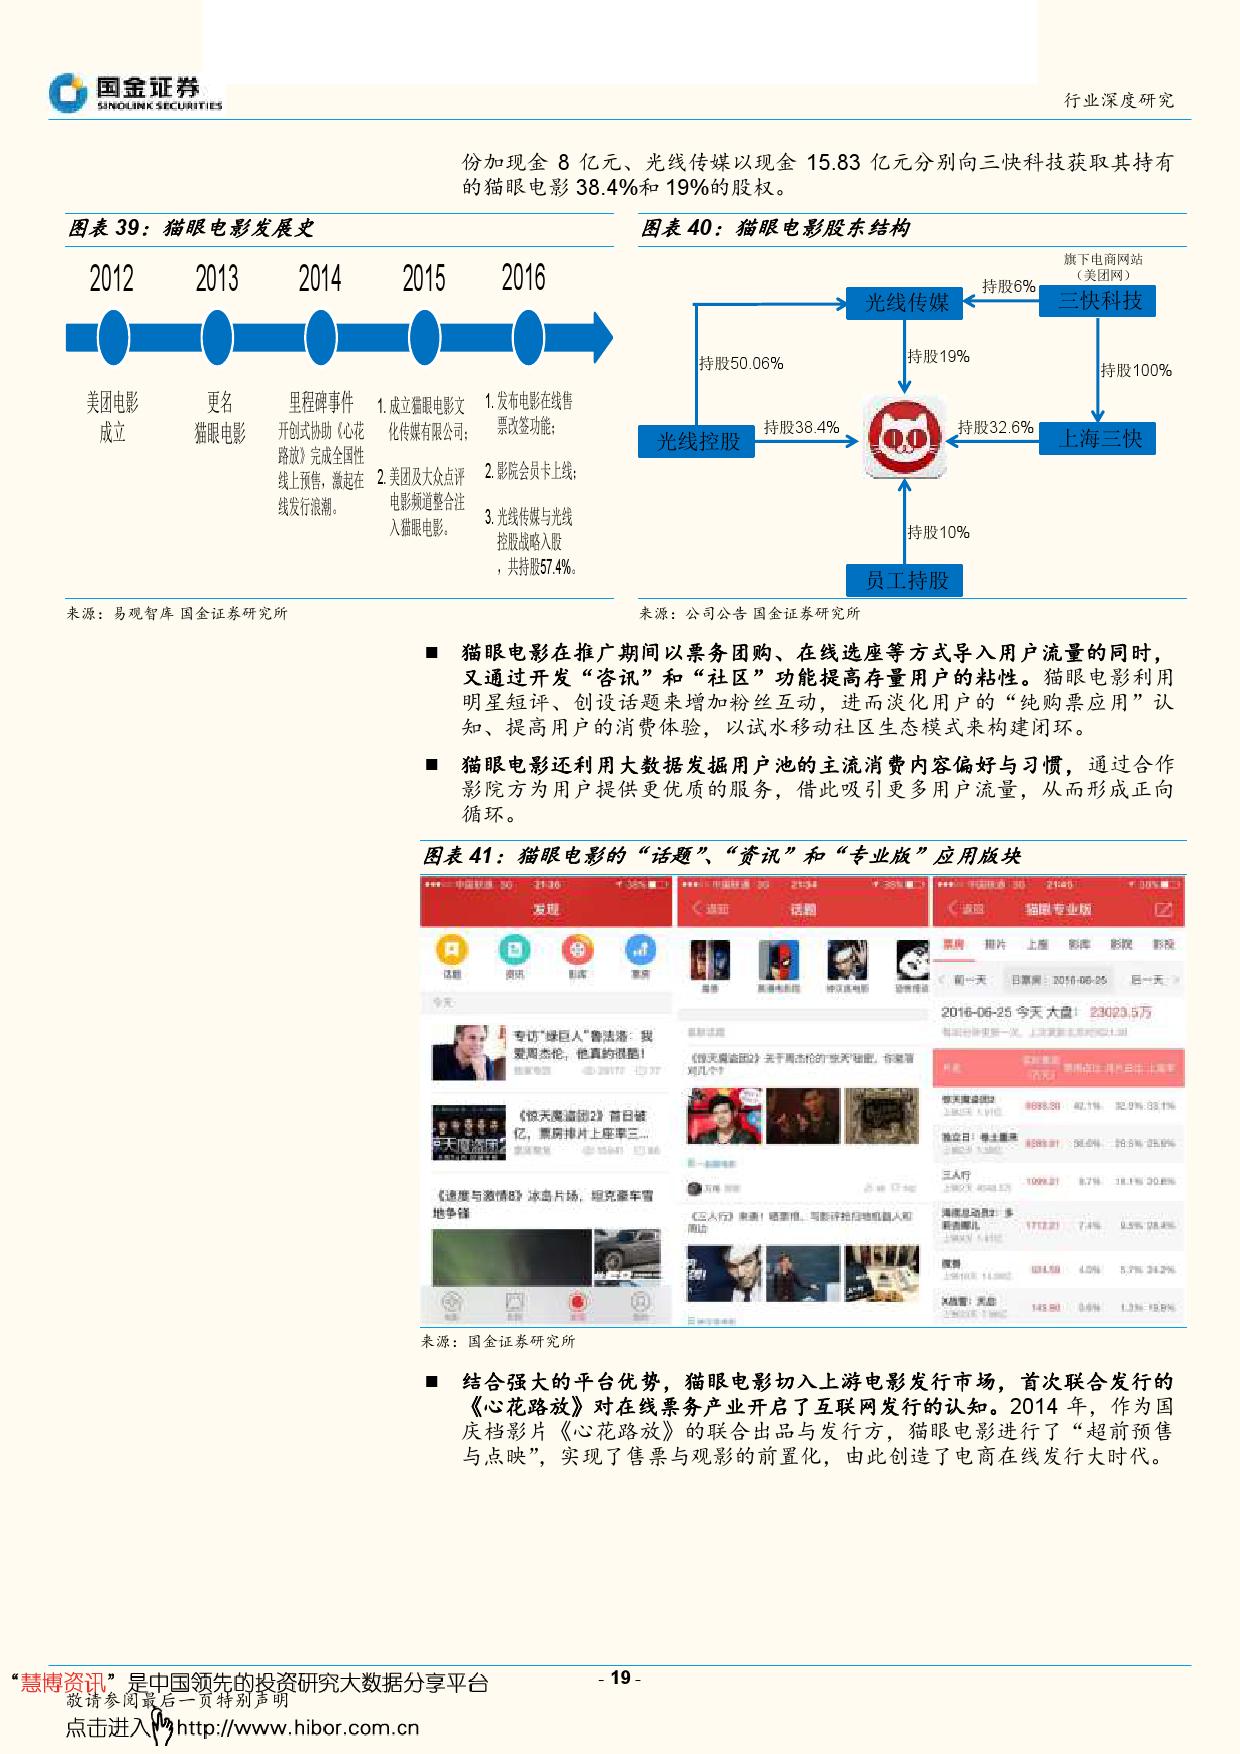 传媒互联网行业 在线票务深度报告_000019